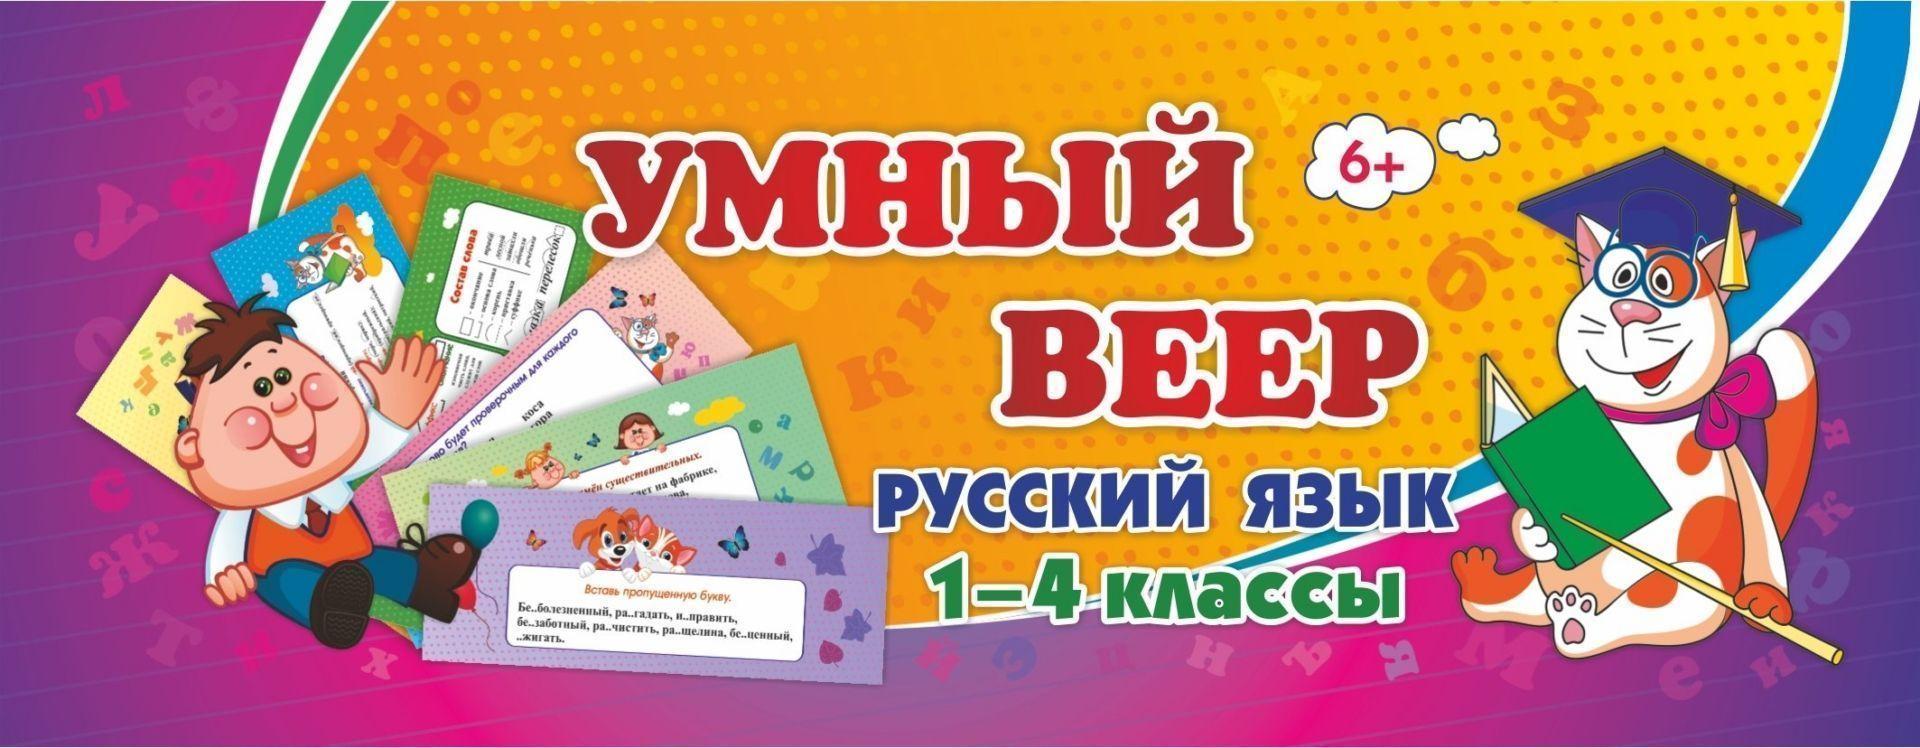 Купить со скидкой Тематический комплект мини-плакатов. Учебный веер. Русский язык. 1-4 классы